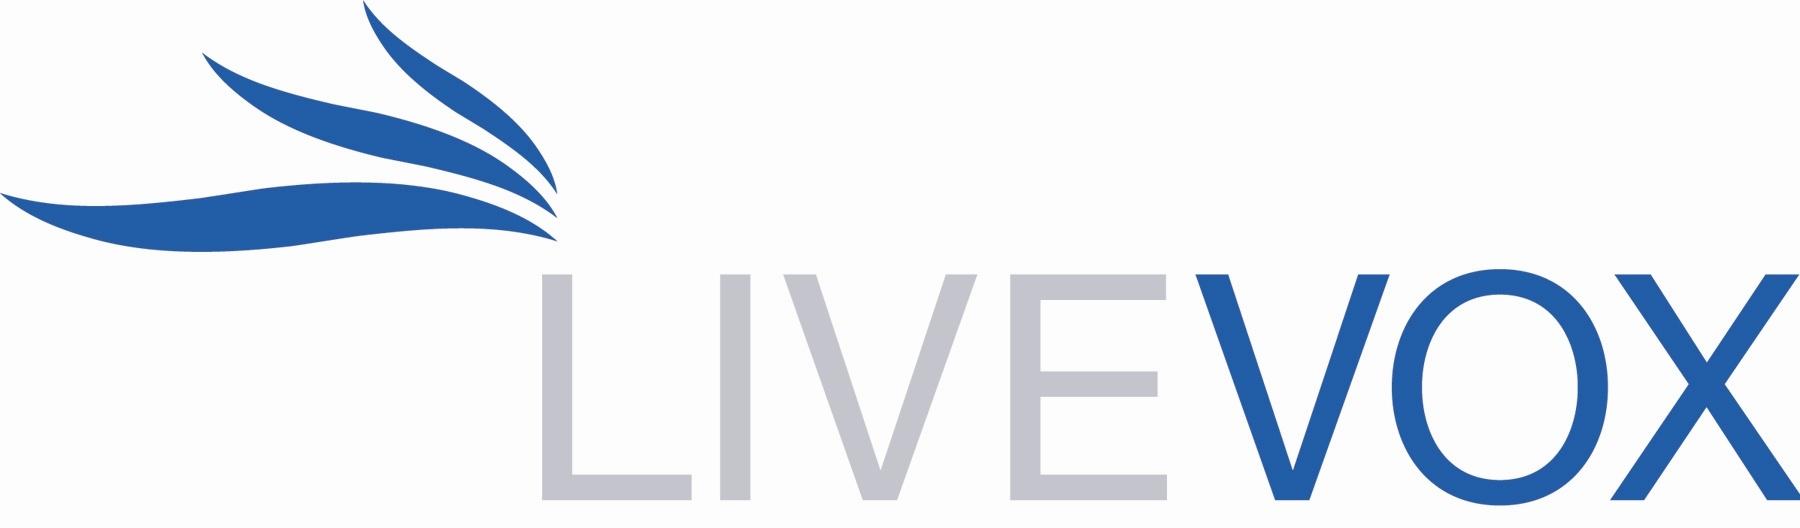 LiveVoxlogo_large_2016.jpg